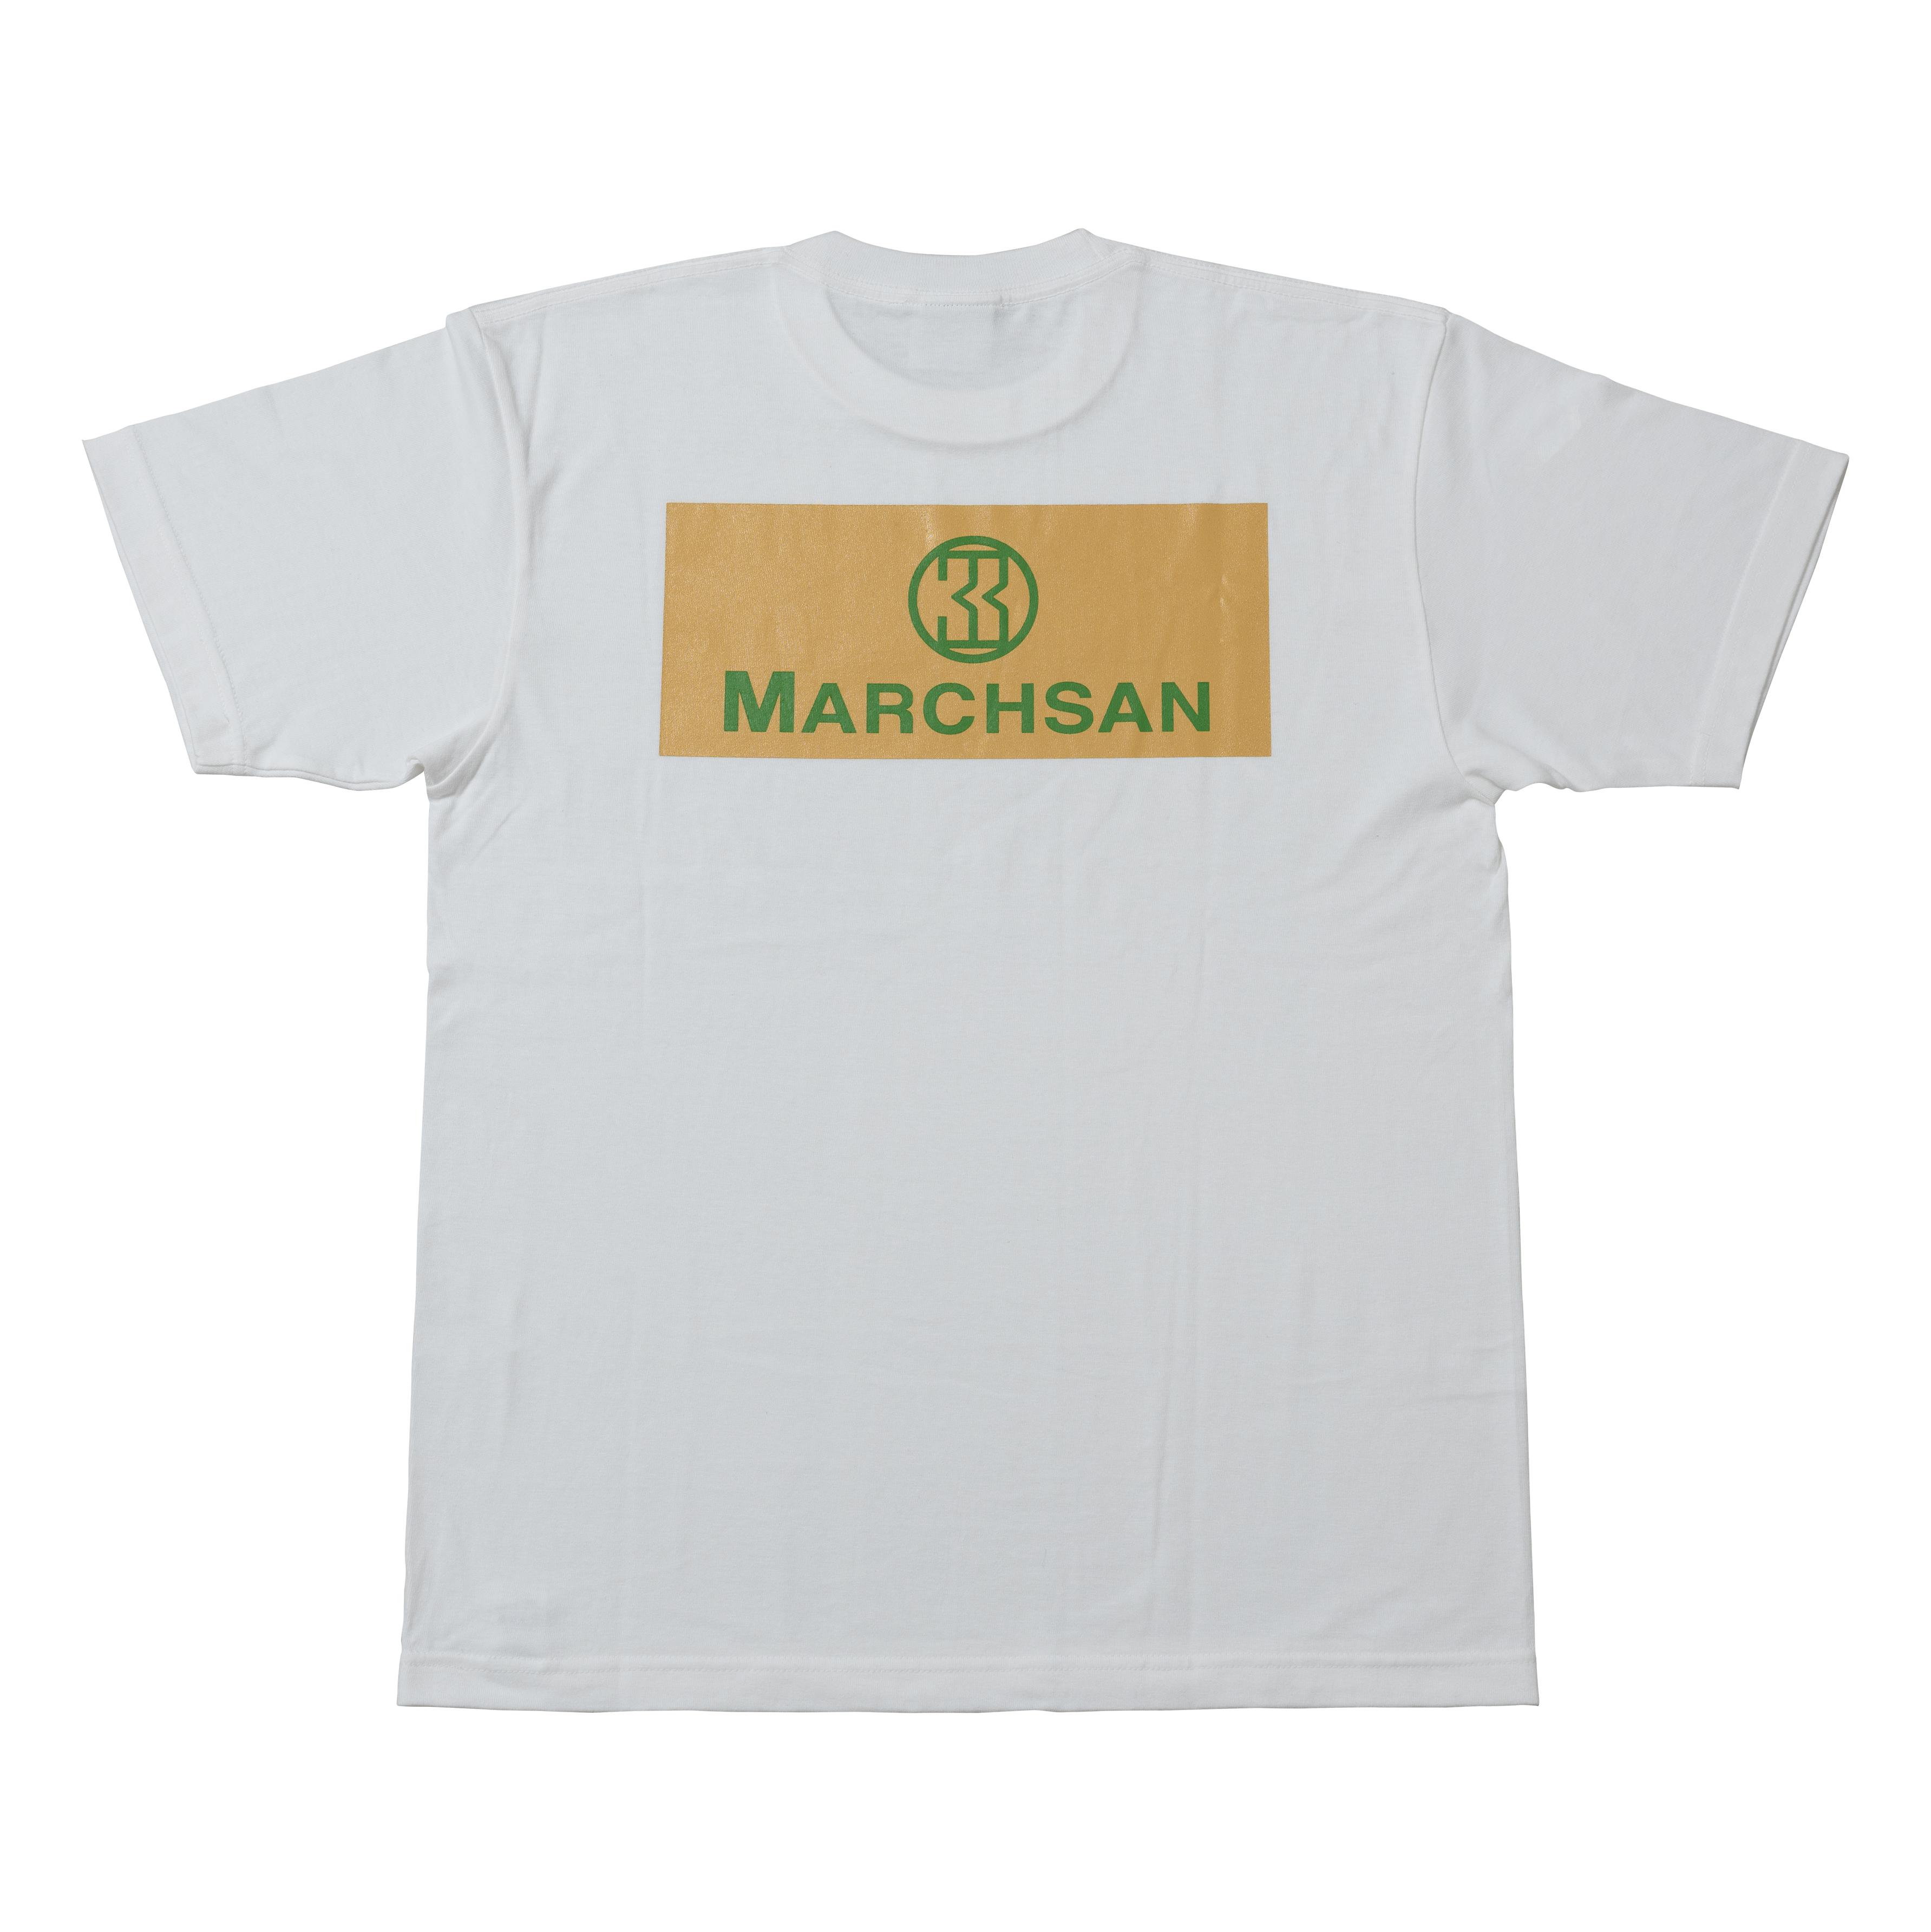 CORKWOOD T-shirt 005